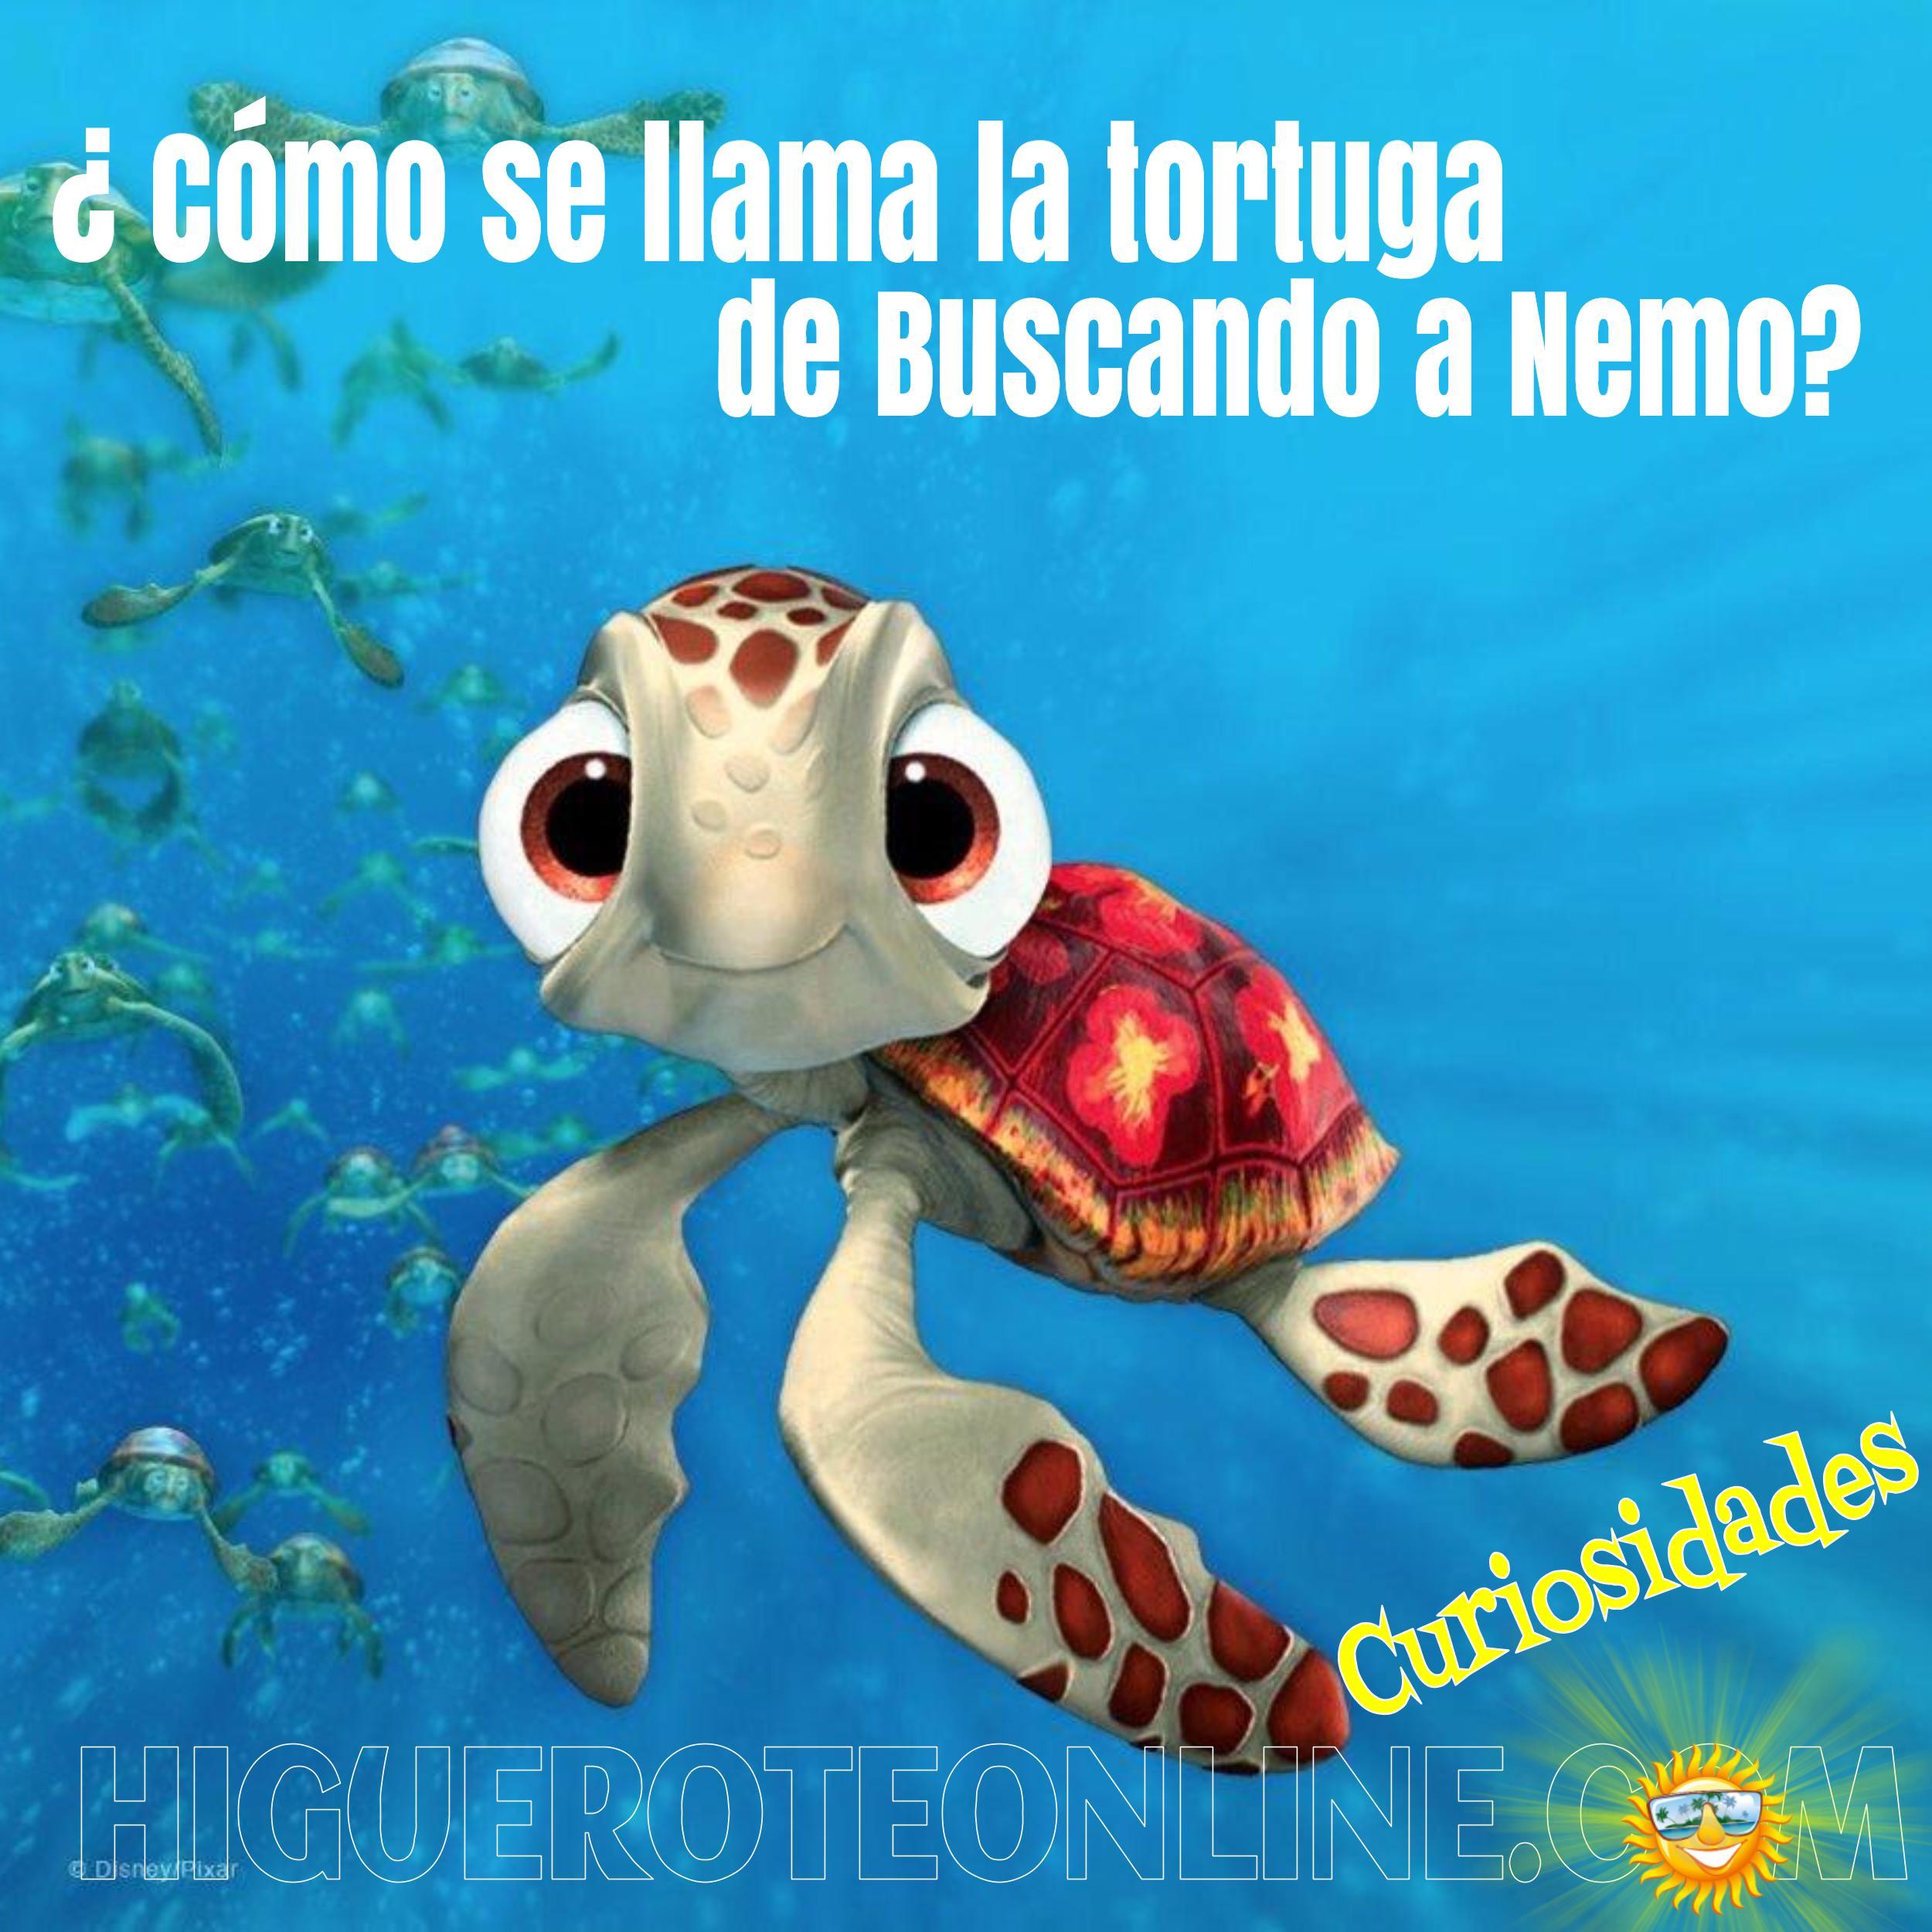 Como se llama la tortuga de buscando a nemo higueroteonline for Como se llama el hotel que esta debajo del mar